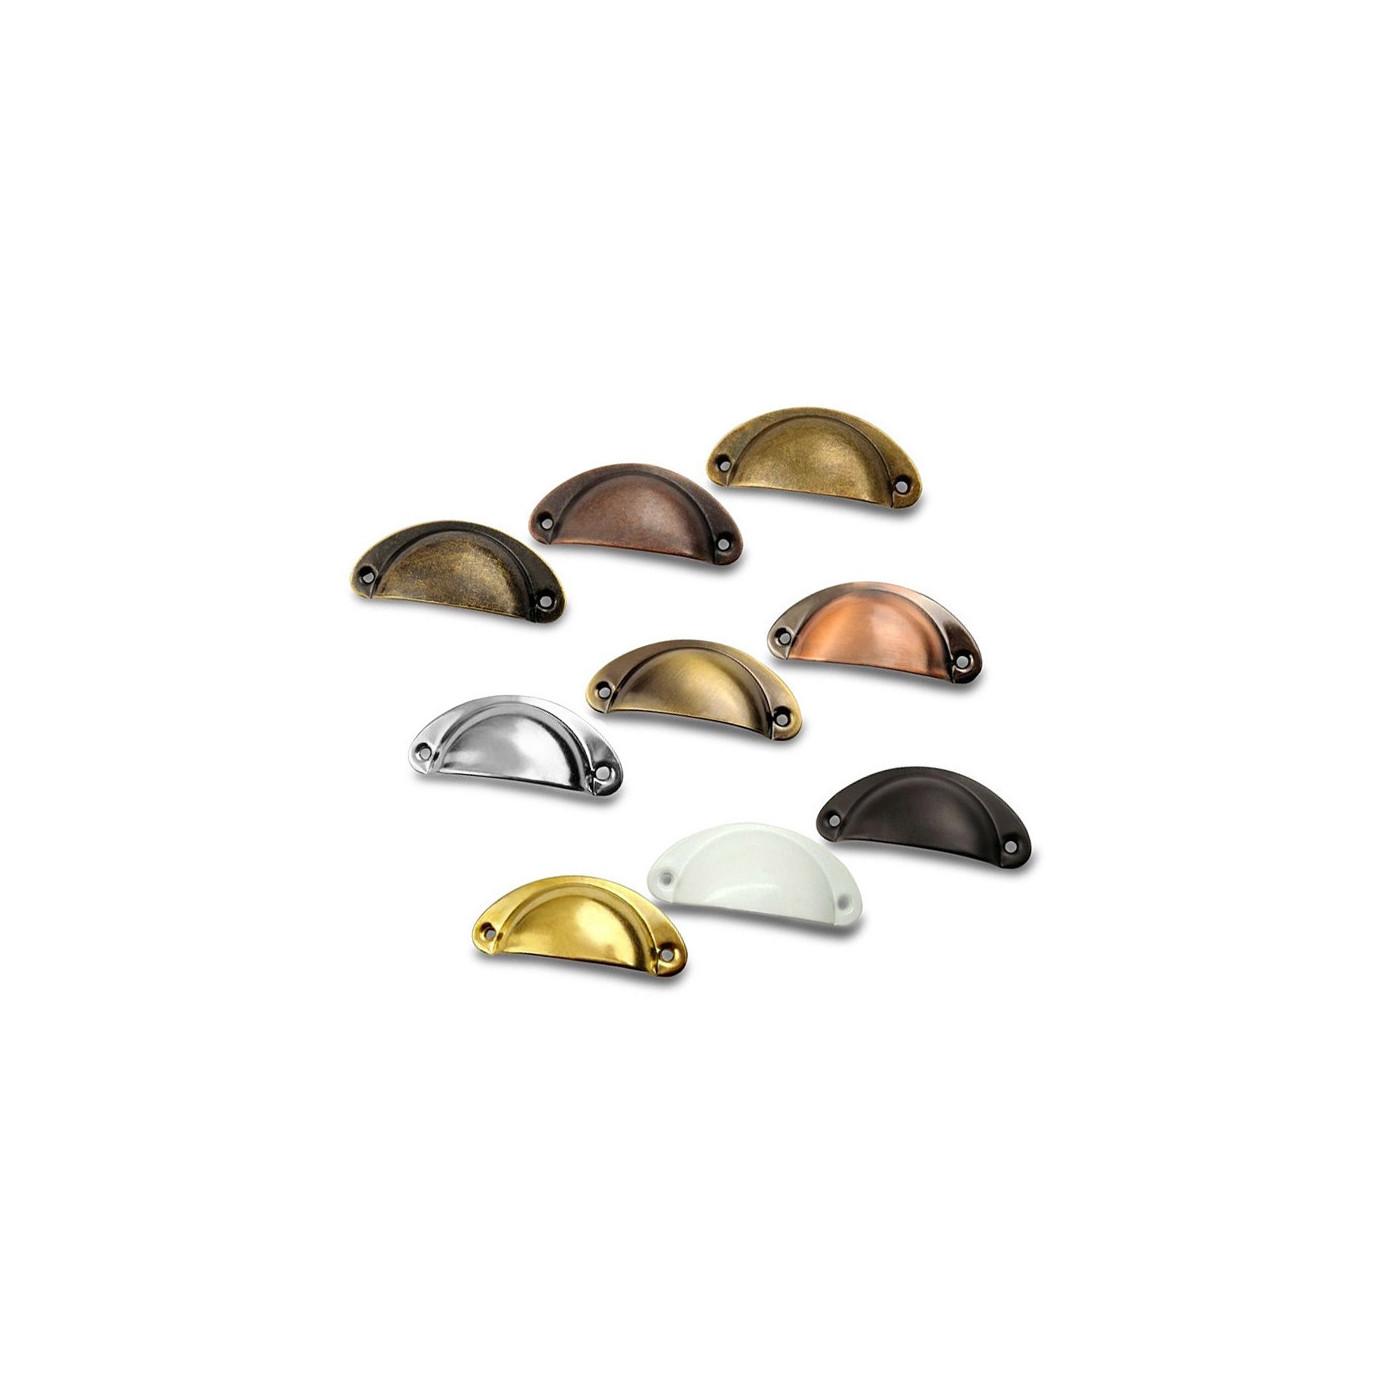 Lot de 8 poignées en forme de coque pour meuble: couleur 1  - 1